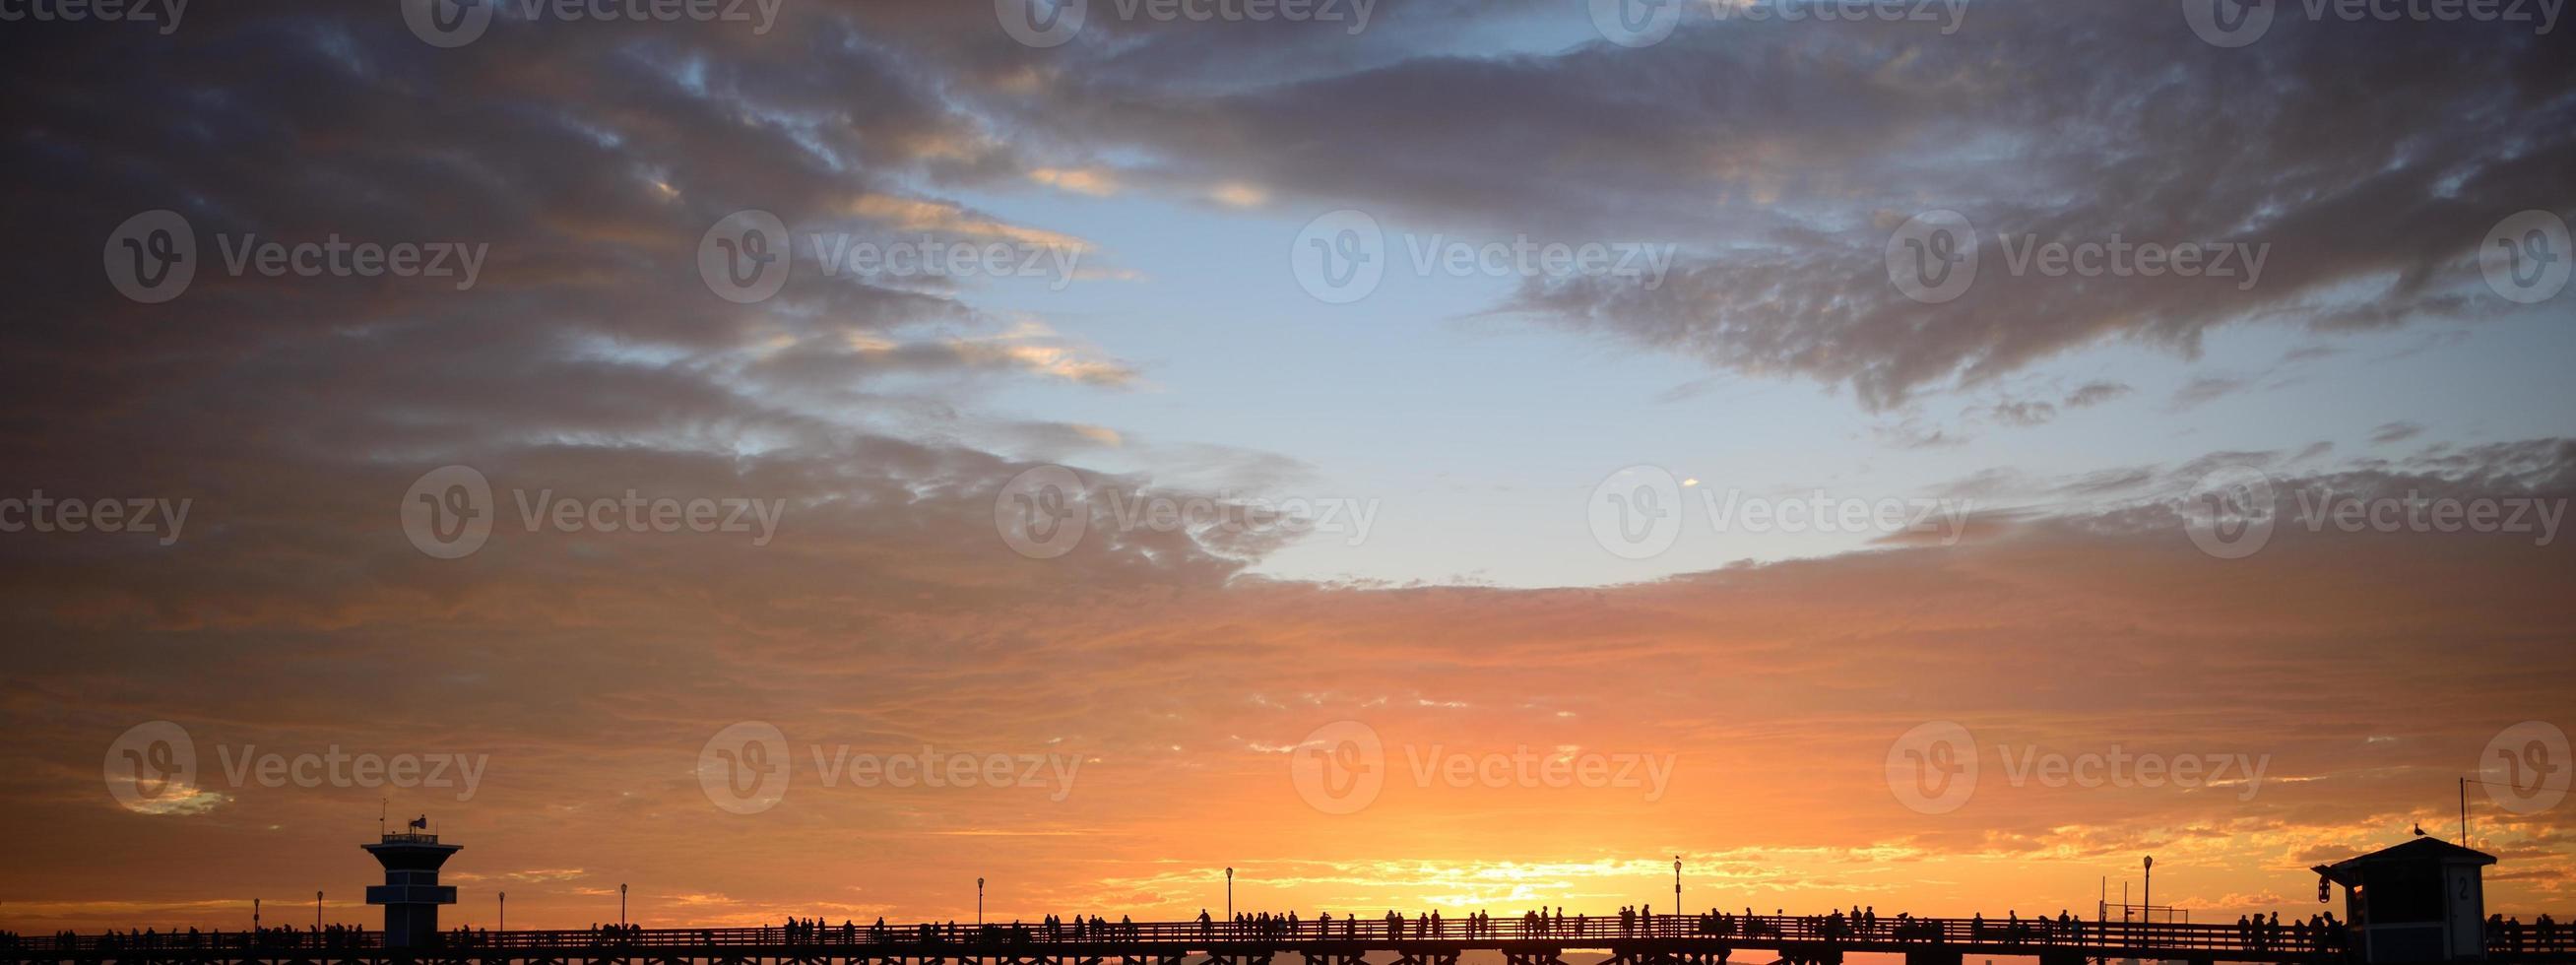 människor tittar på solnedgången från piren slutet av sommaren foto